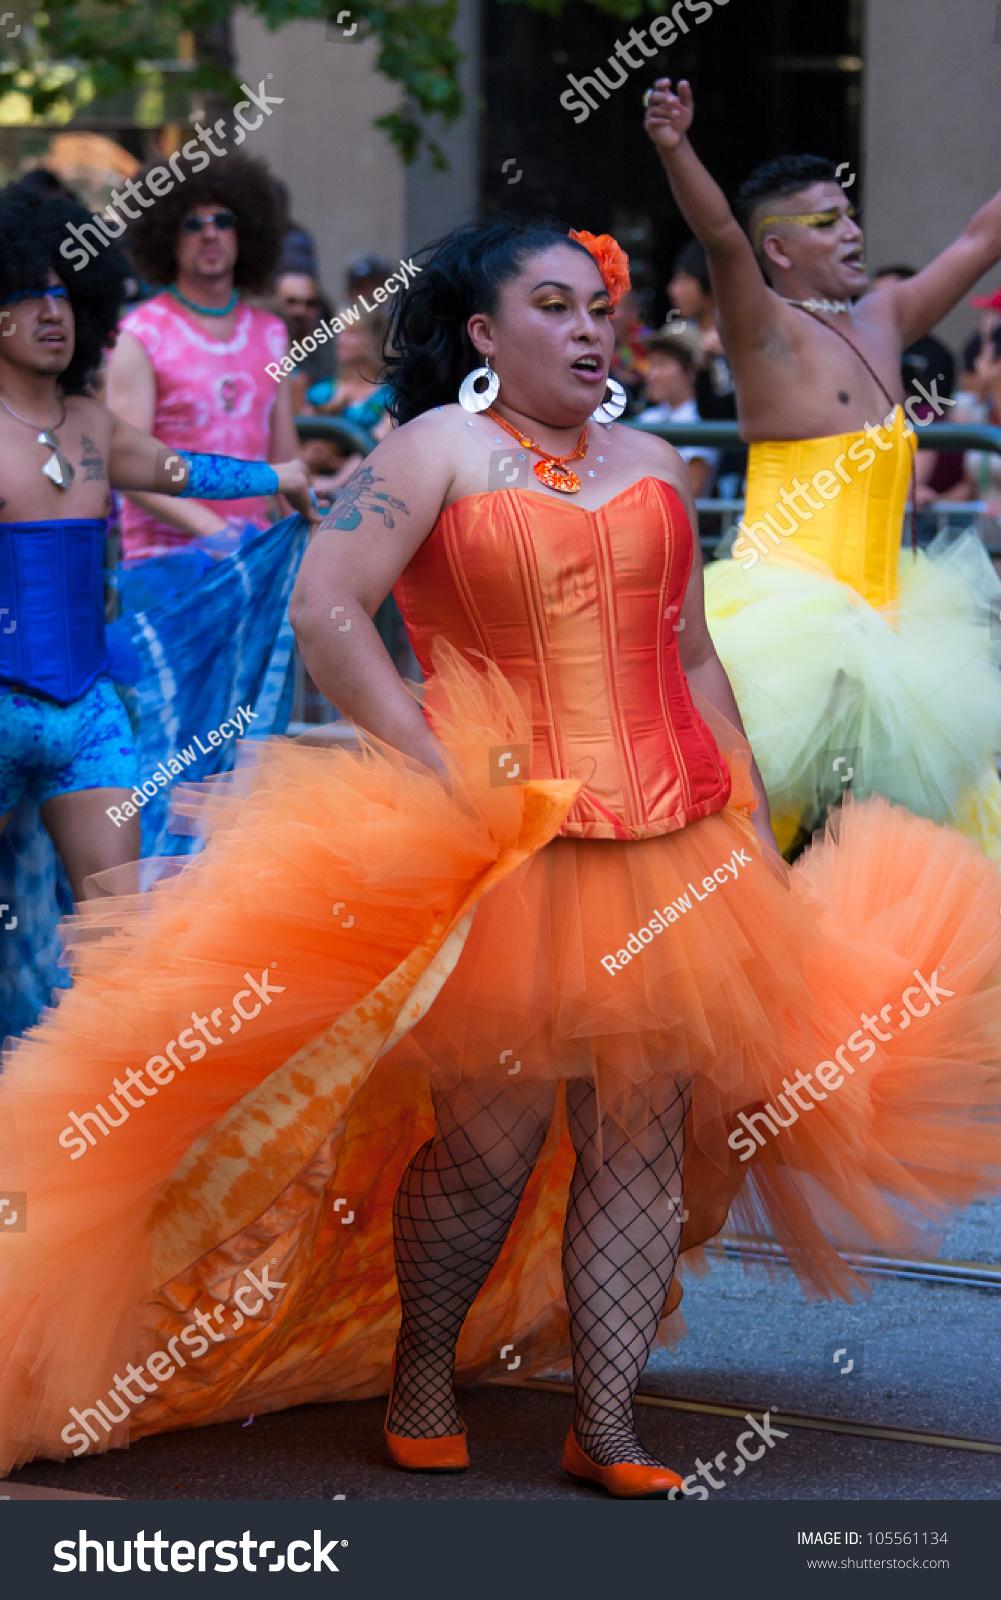 San franscisco gay pride 2010